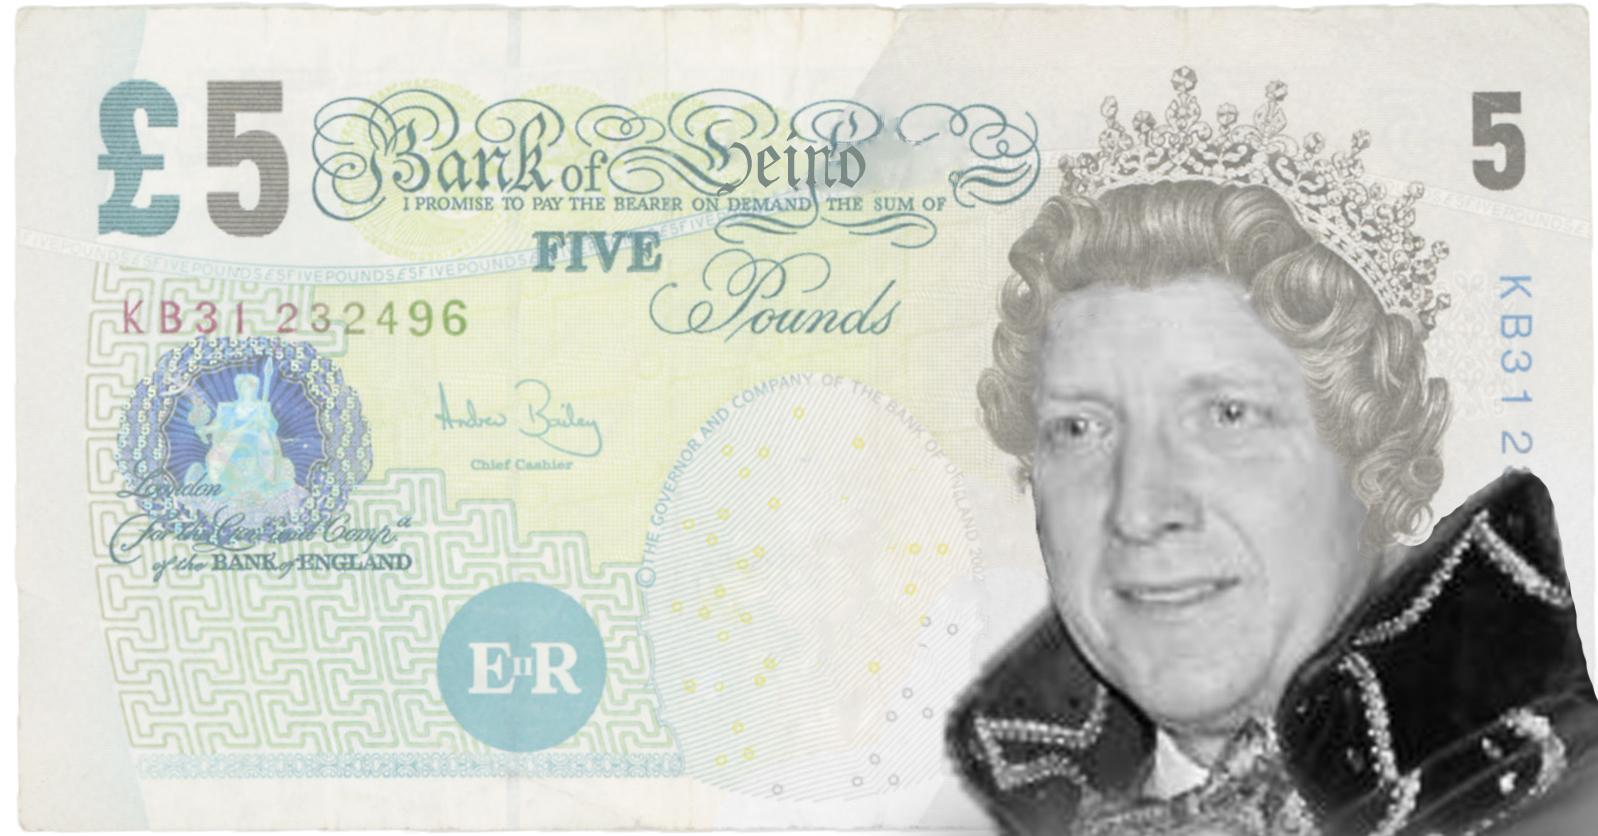 5 Heinose ponden uitgegeven ter gelegenheid van Prins WimI, het enige wapenfeit van de HIP. (Grafische vormgeving: Maarten Metz)